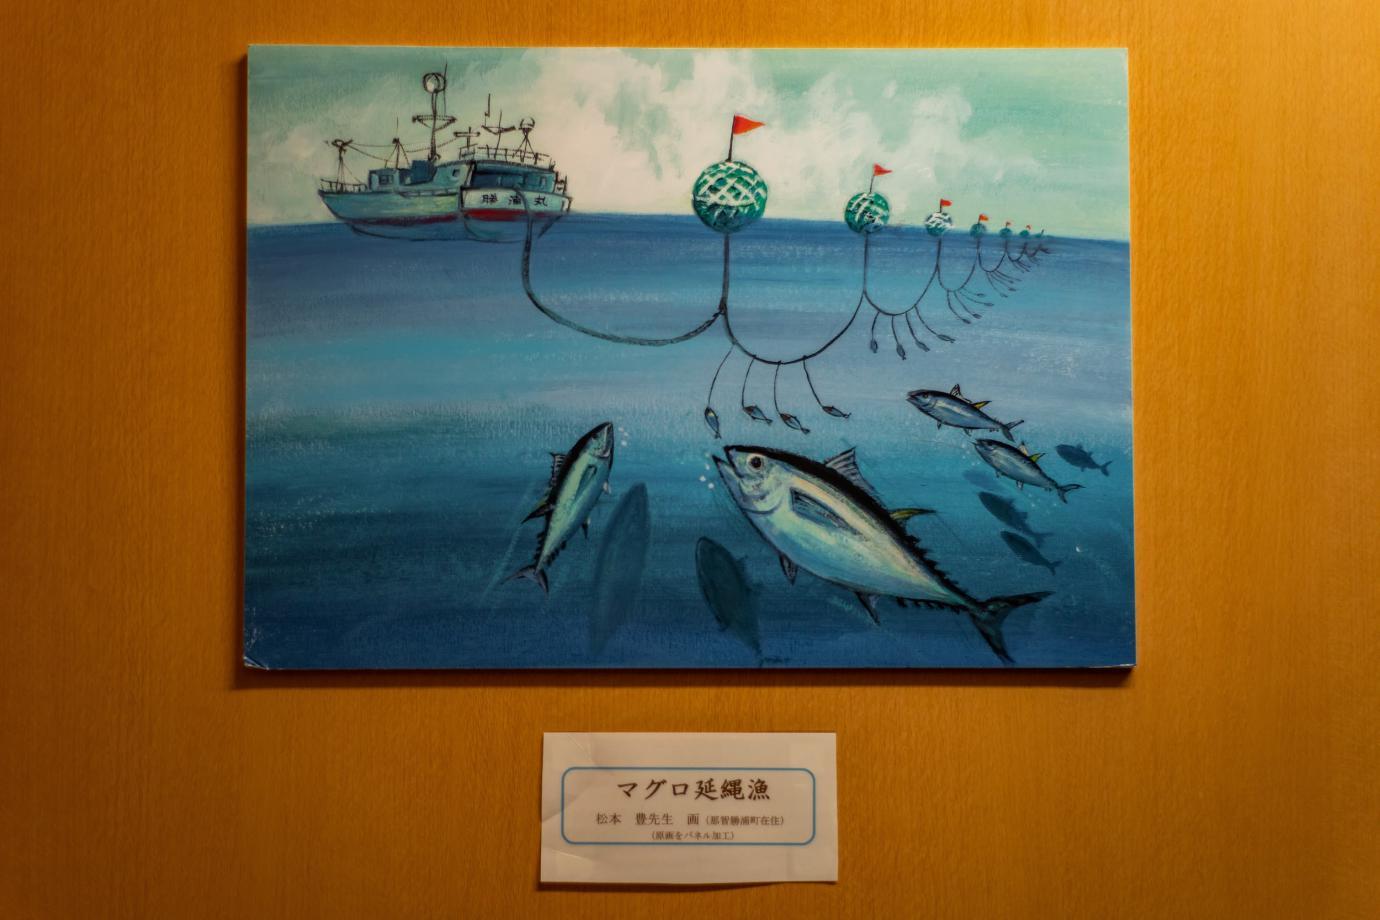 漁港に飾ってあった延縄漁のイラスト